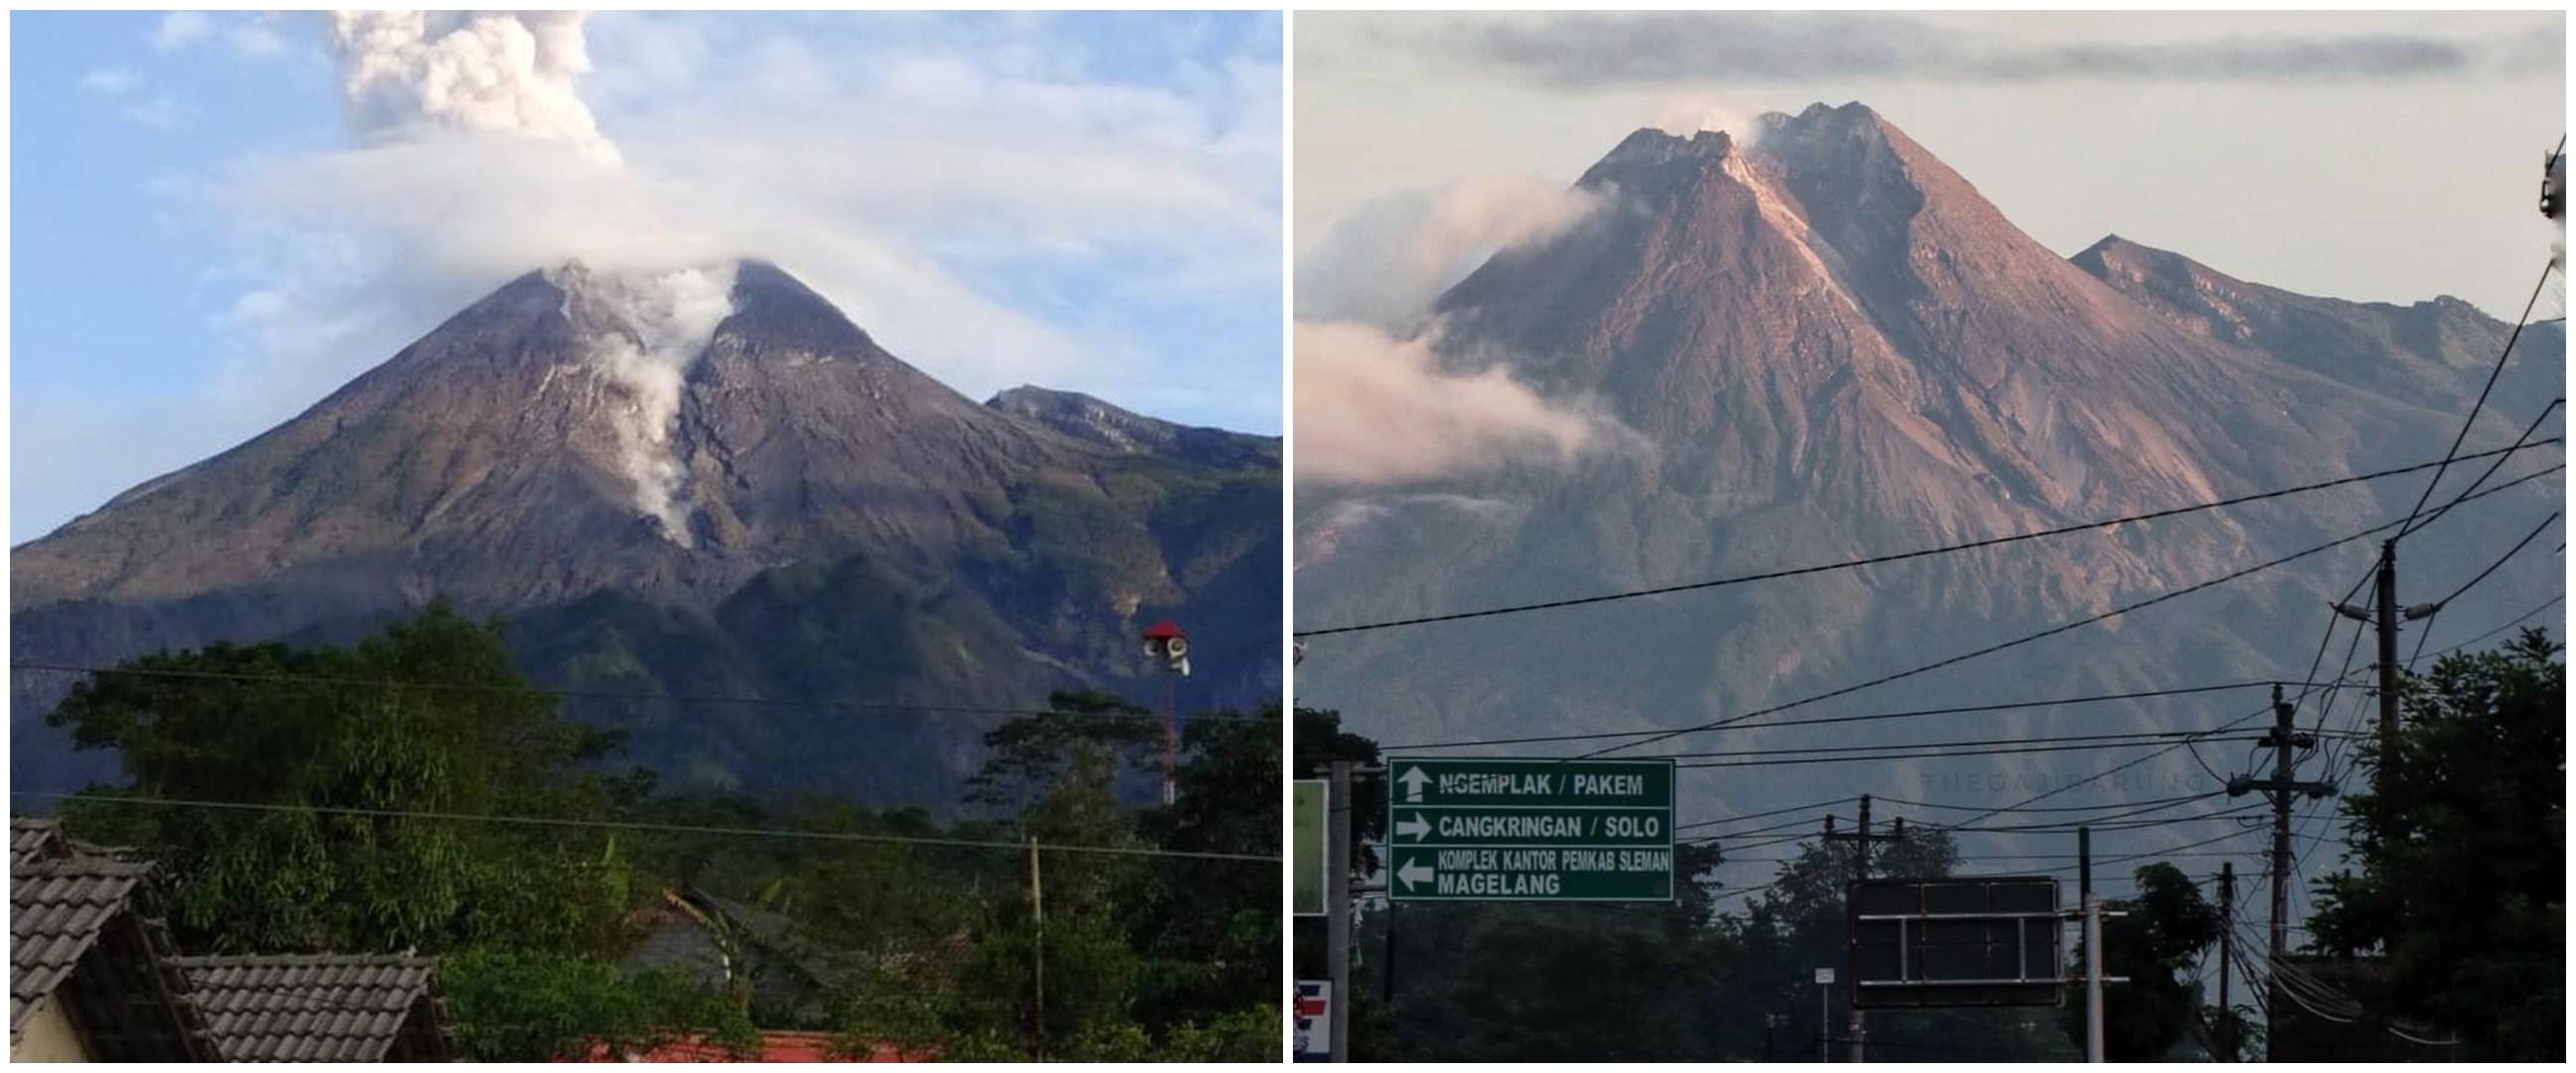 Intensitas kegempaan Gunung Merapi tinggi, status masih siaga